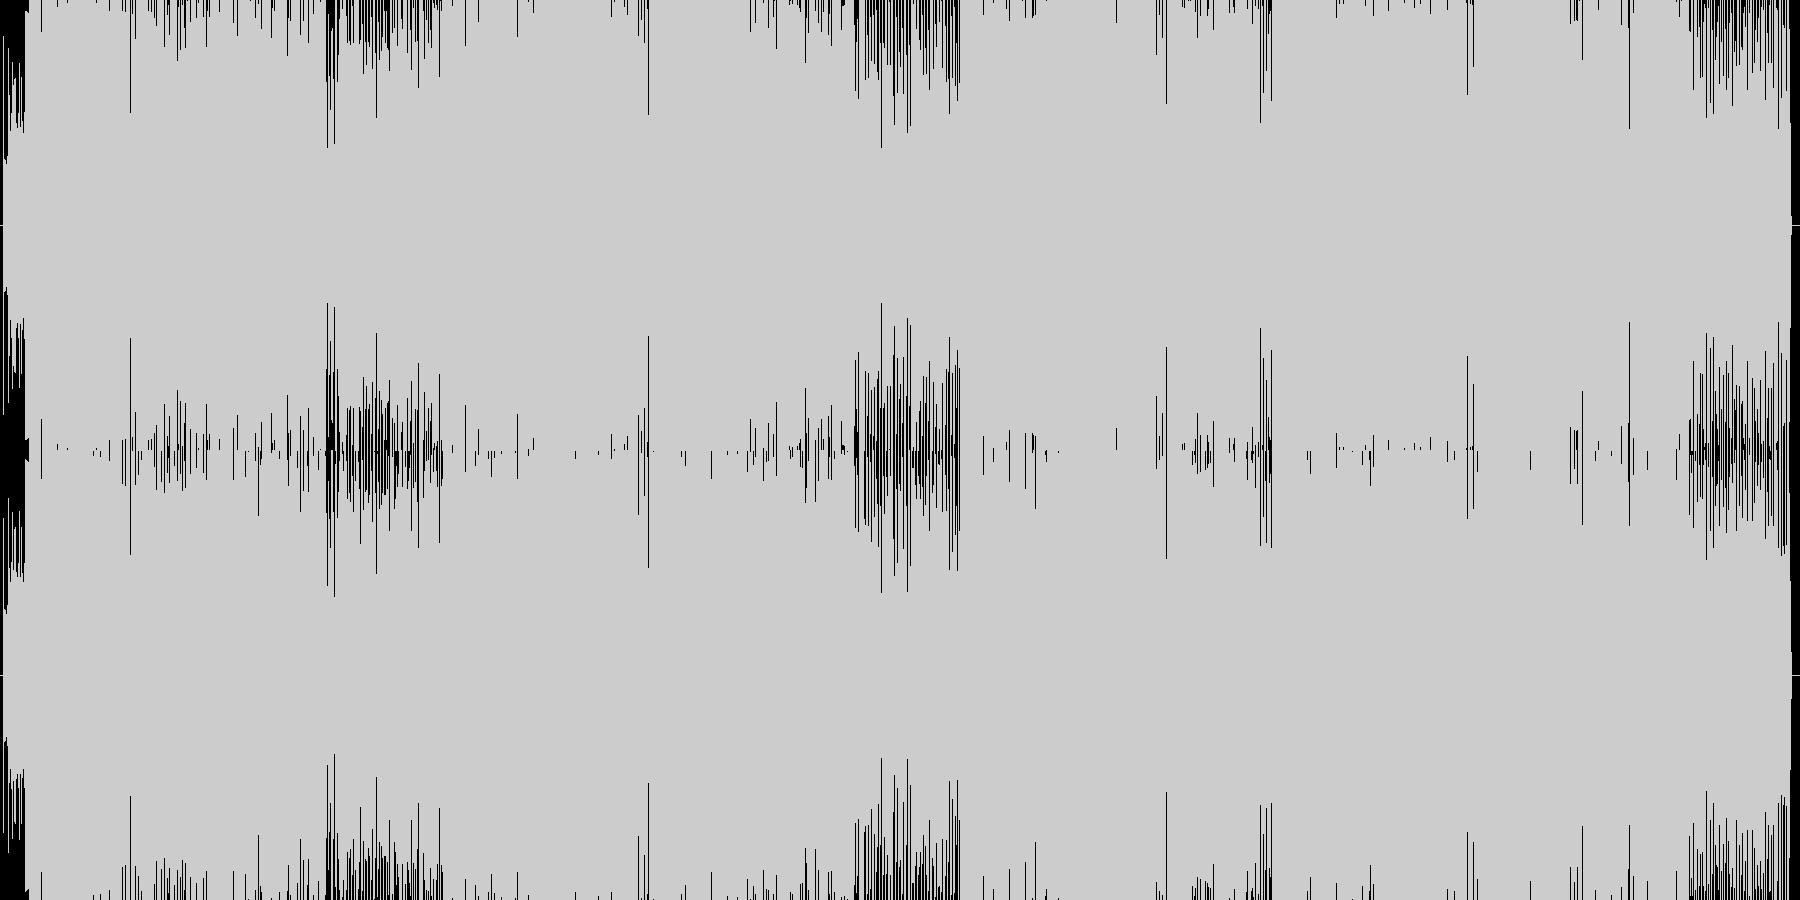 お洒落系イントロのエレクトロギターポップの未再生の波形